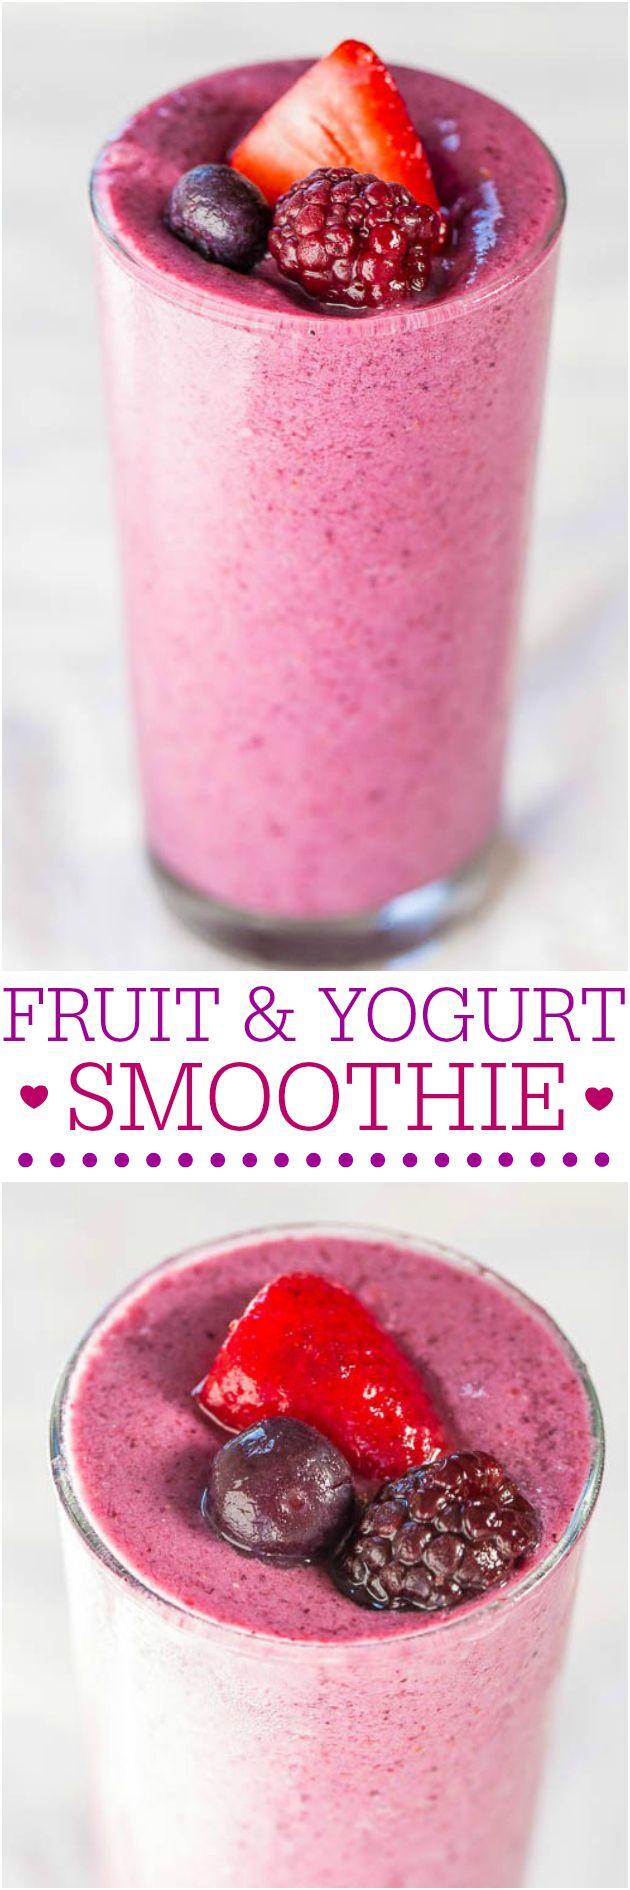 Frutas y Yogurt Batido - A sólo 3 ingredientes y sin azúcar añadido en este batido dulce y cremoso!  Me encanta cuando los gustos sanos tan bueno !!